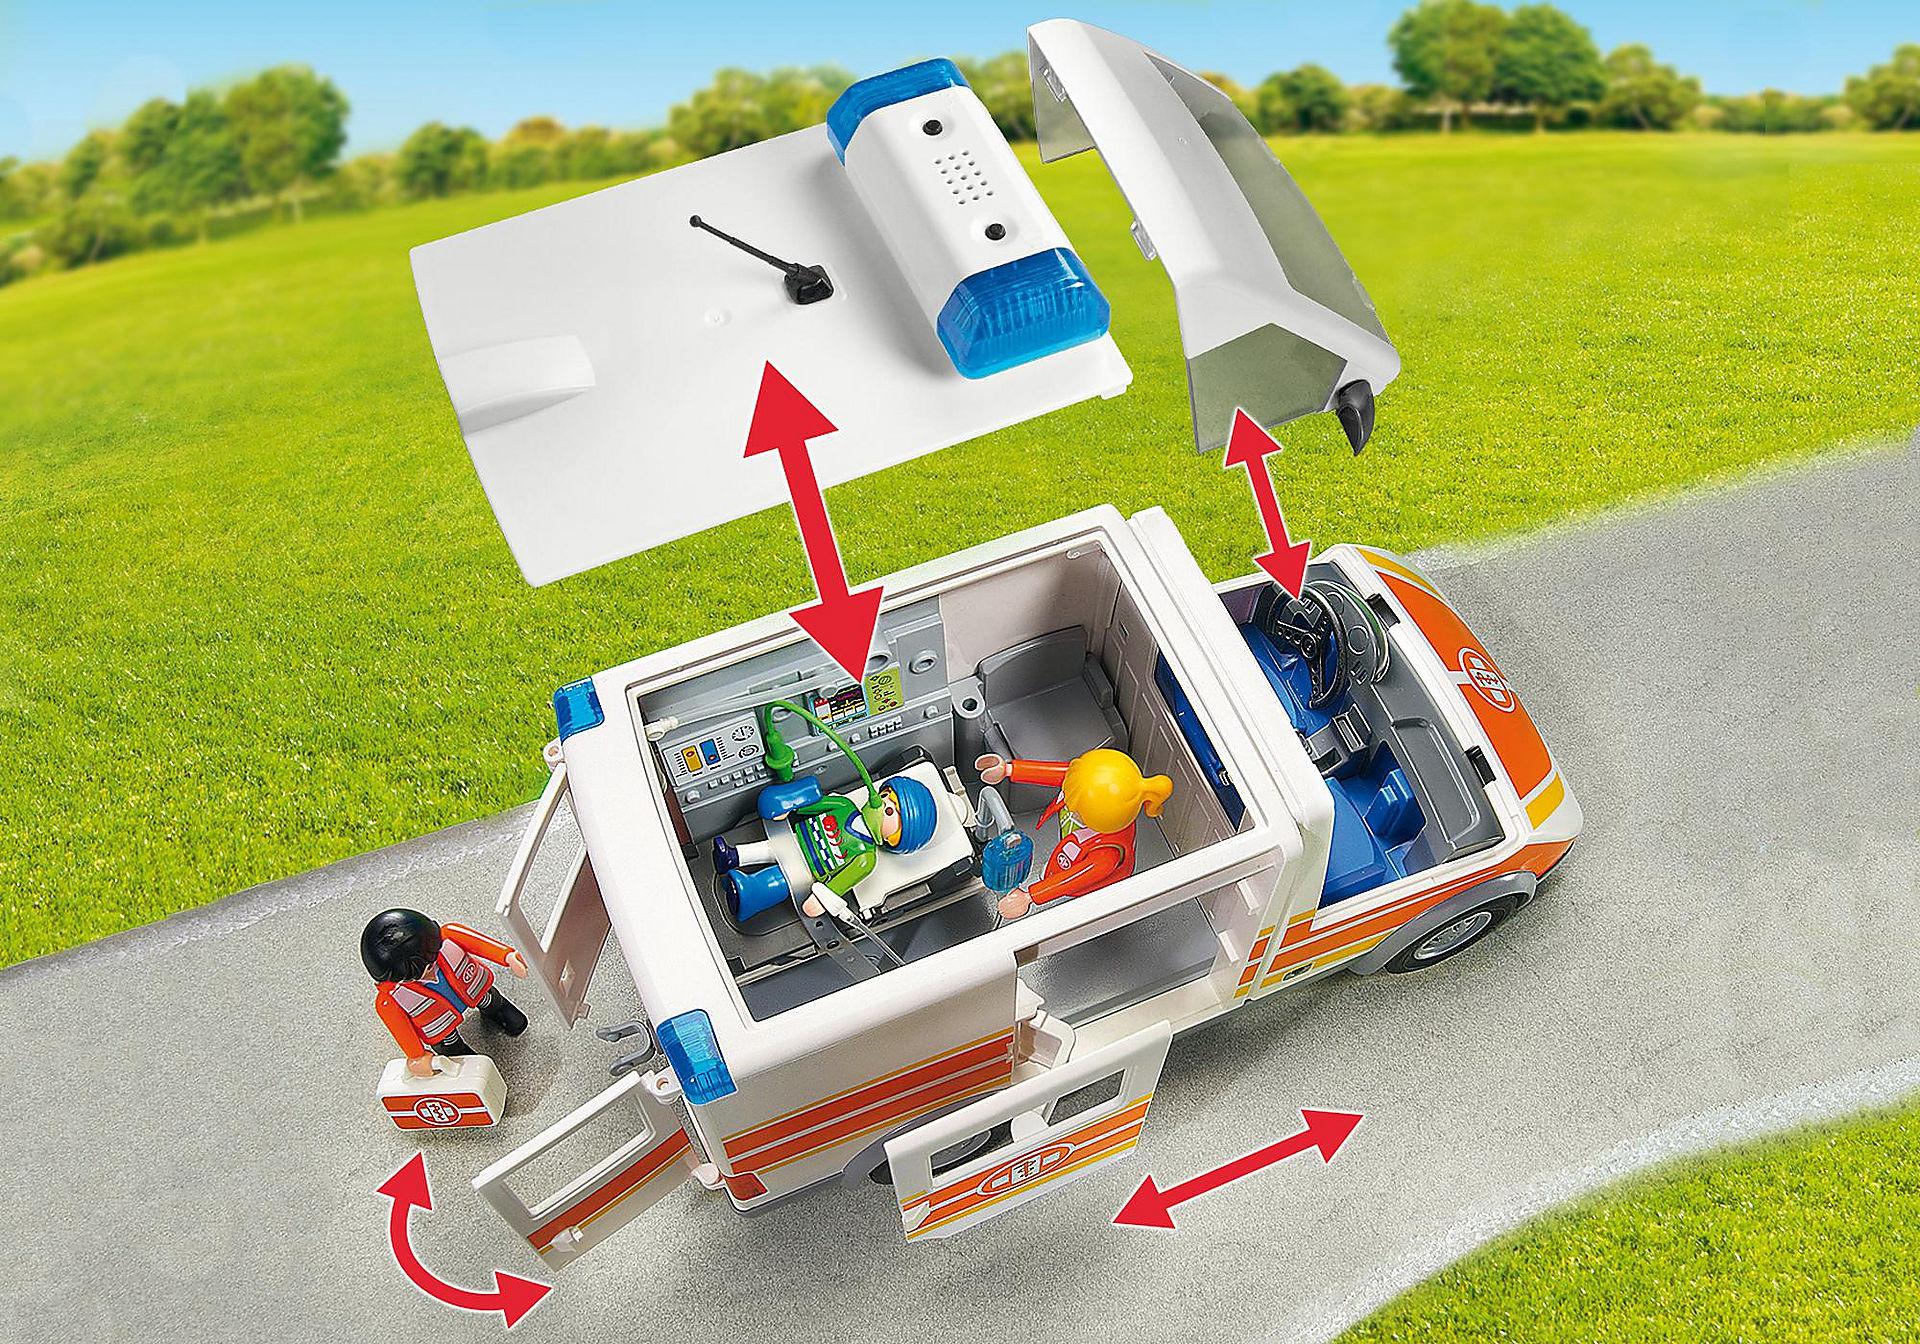 http://media.playmobil.com/i/playmobil/6685_product_extra3/Ambulans med ljus och ljud